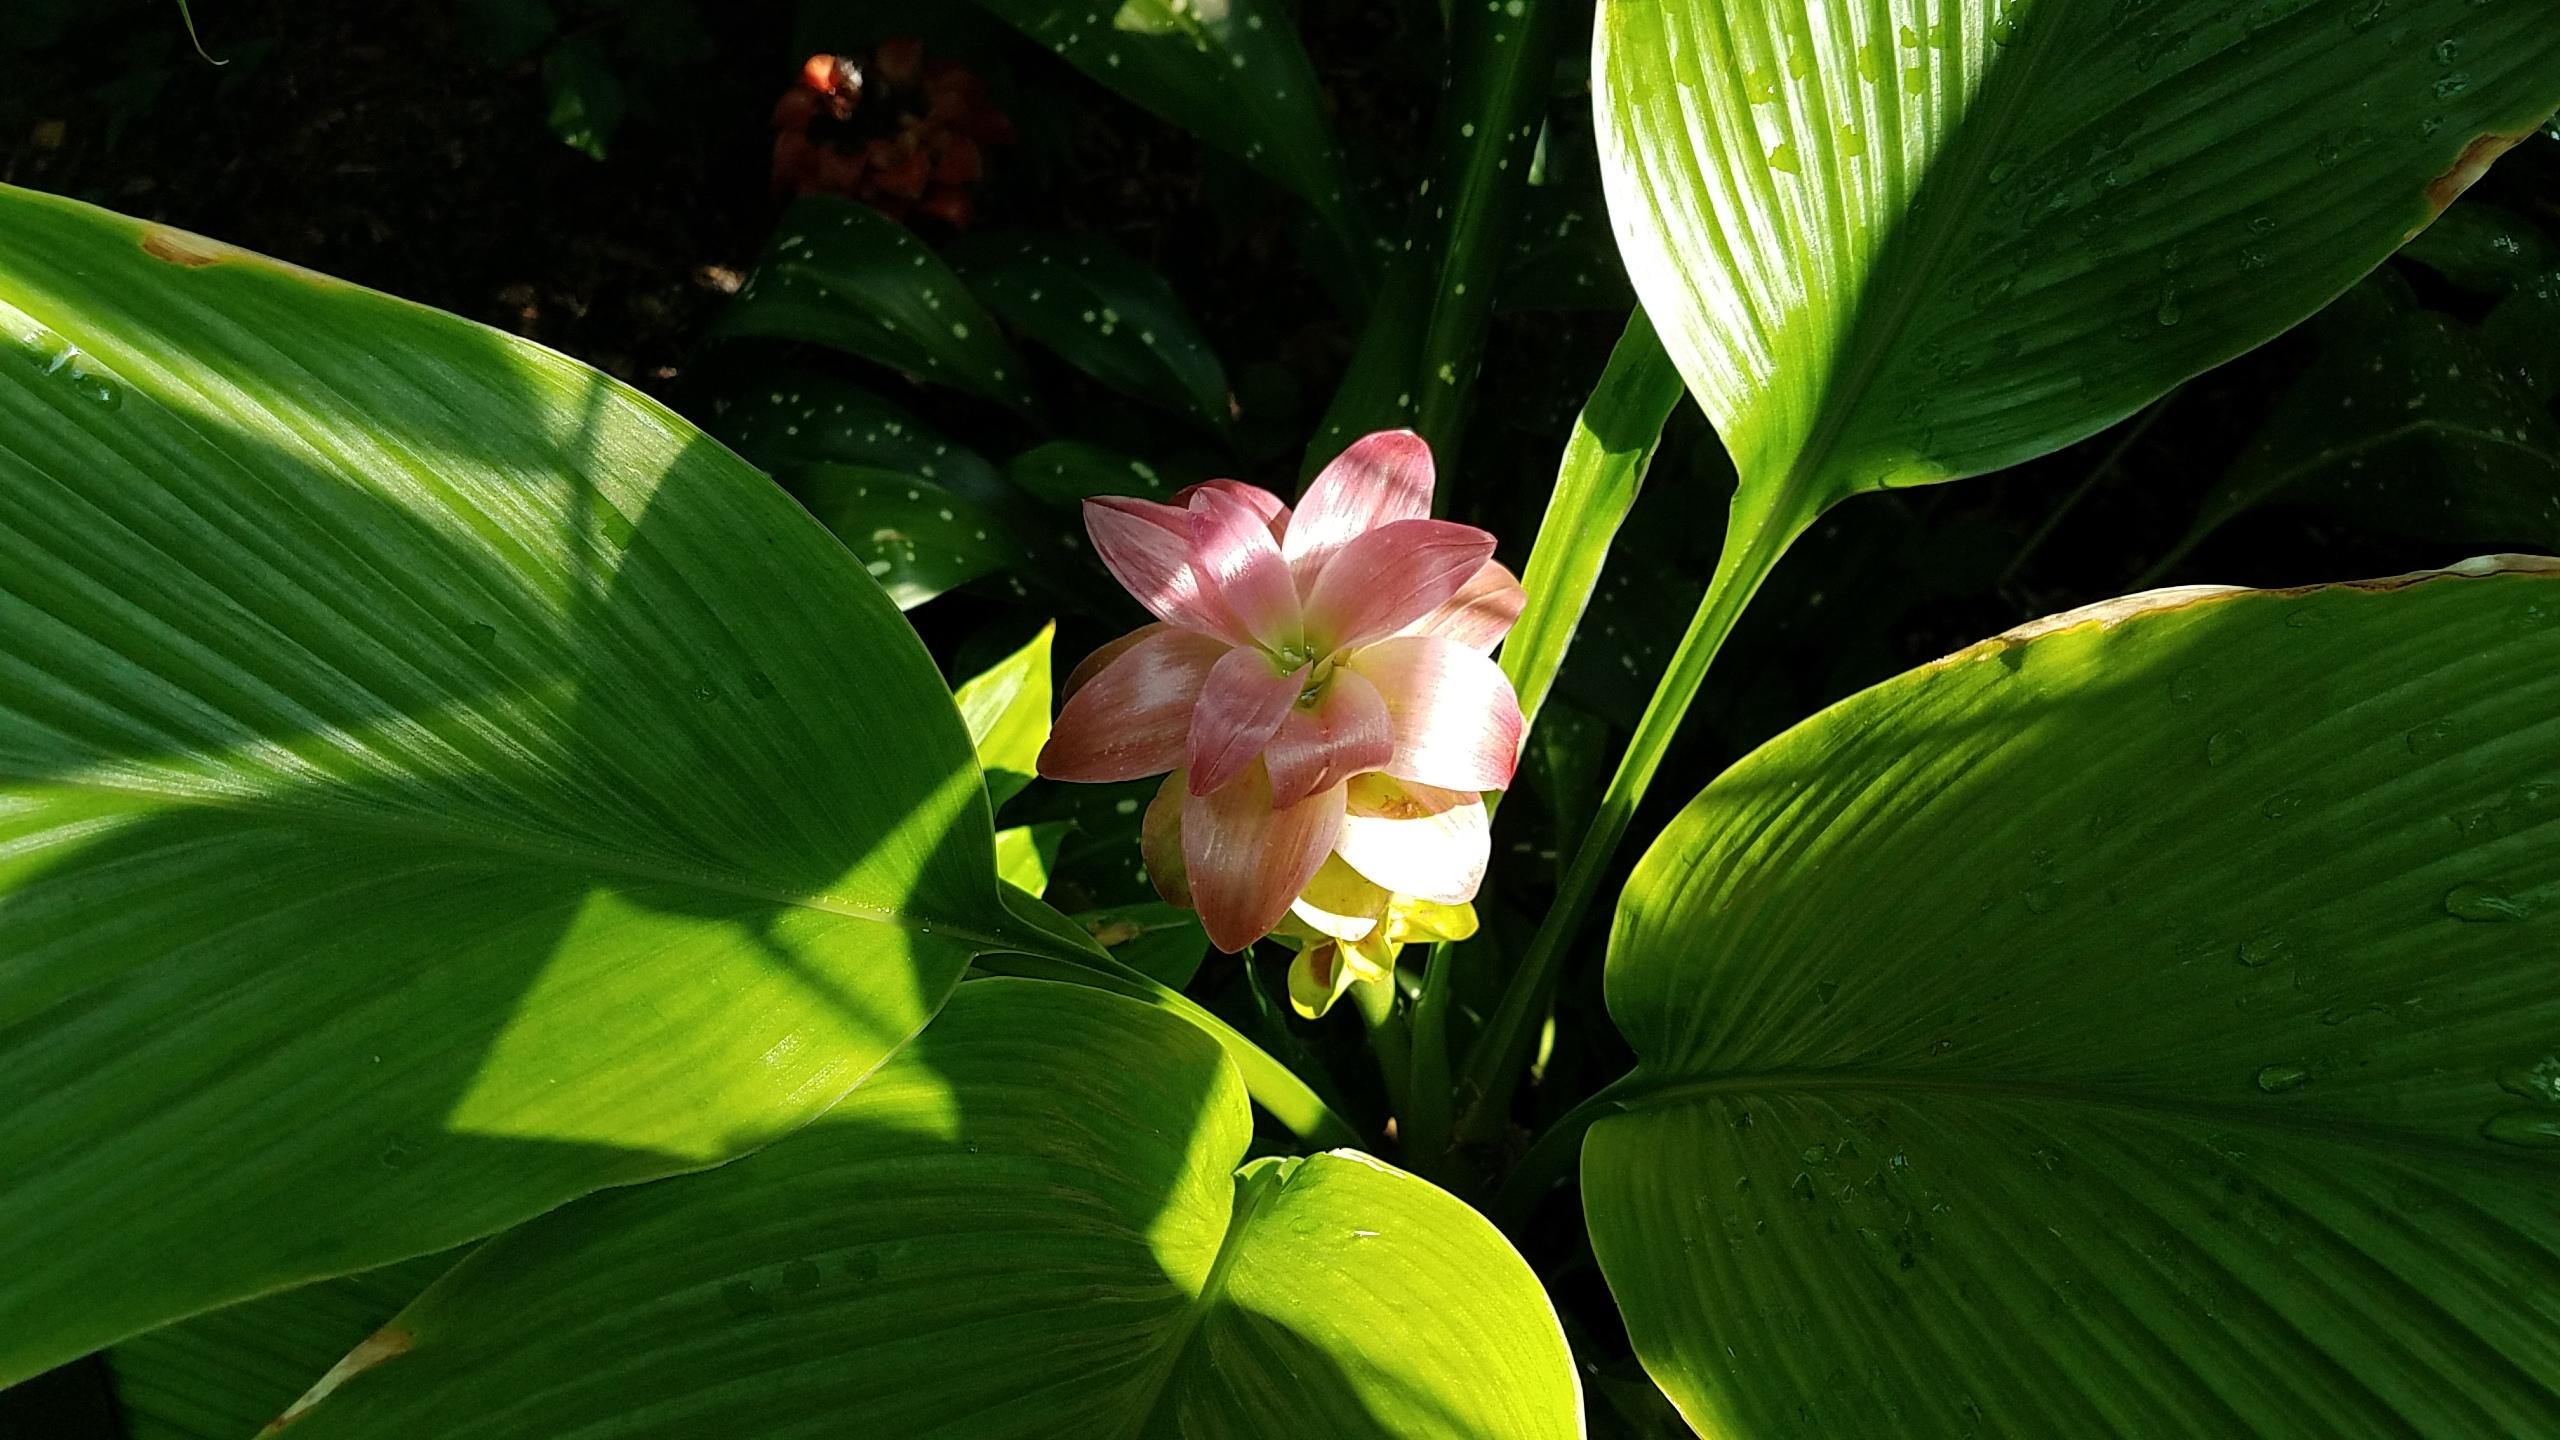 growing inside flowers